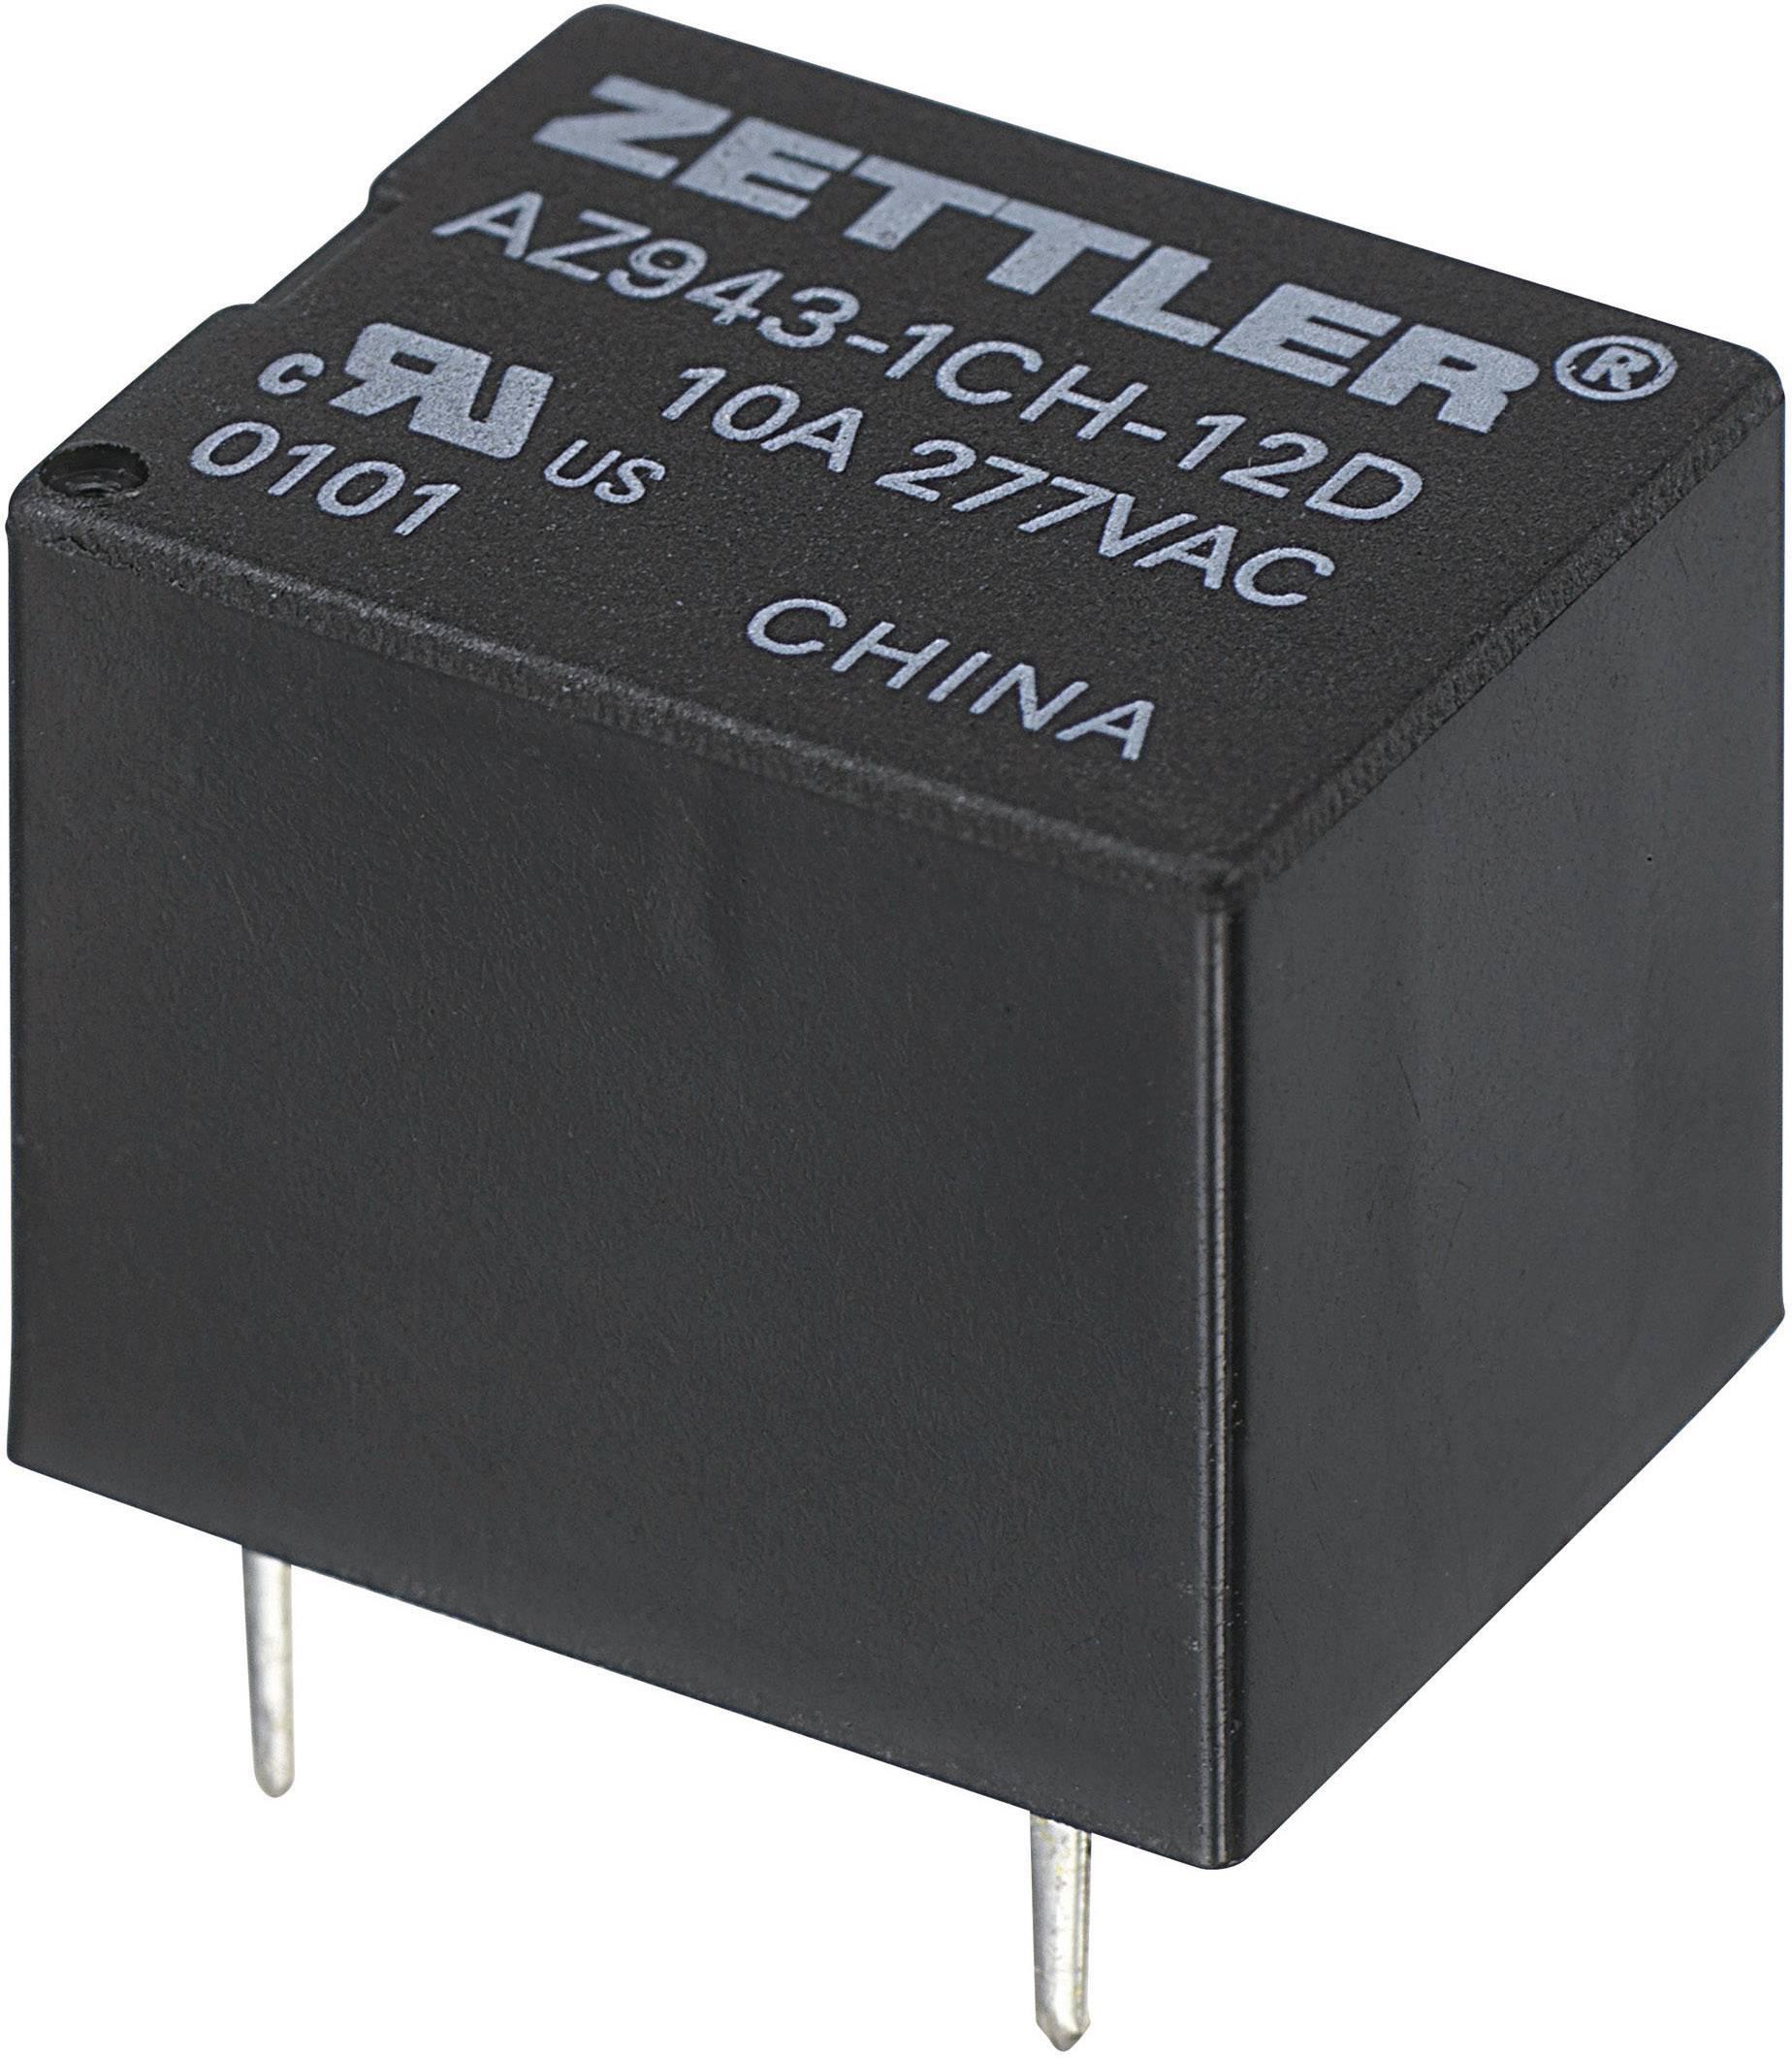 Miniaturní Print relé 15 A Zettler Electronics AZ943-1CH-6DE, 15 A , 30 V/DC/300 V/AC , 2770 VA/210 W